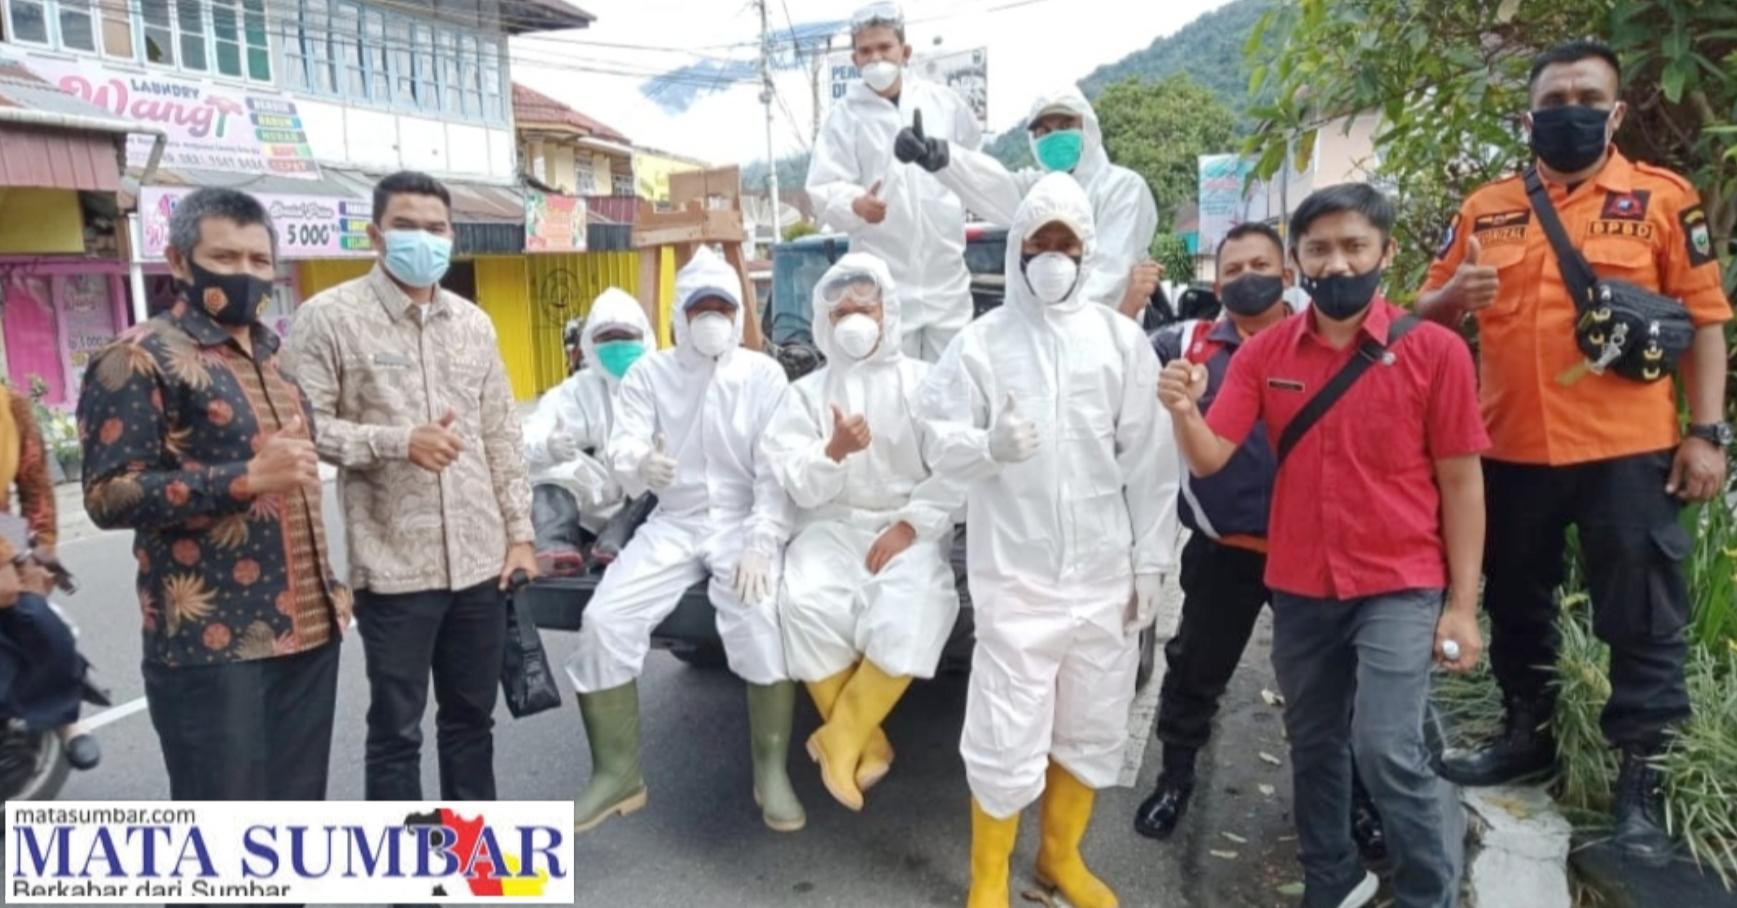 Upaya Pencegahan Covid, Kelurahan Paus Beraksi Kembali Lakukan Penyemprotan Disinfektan